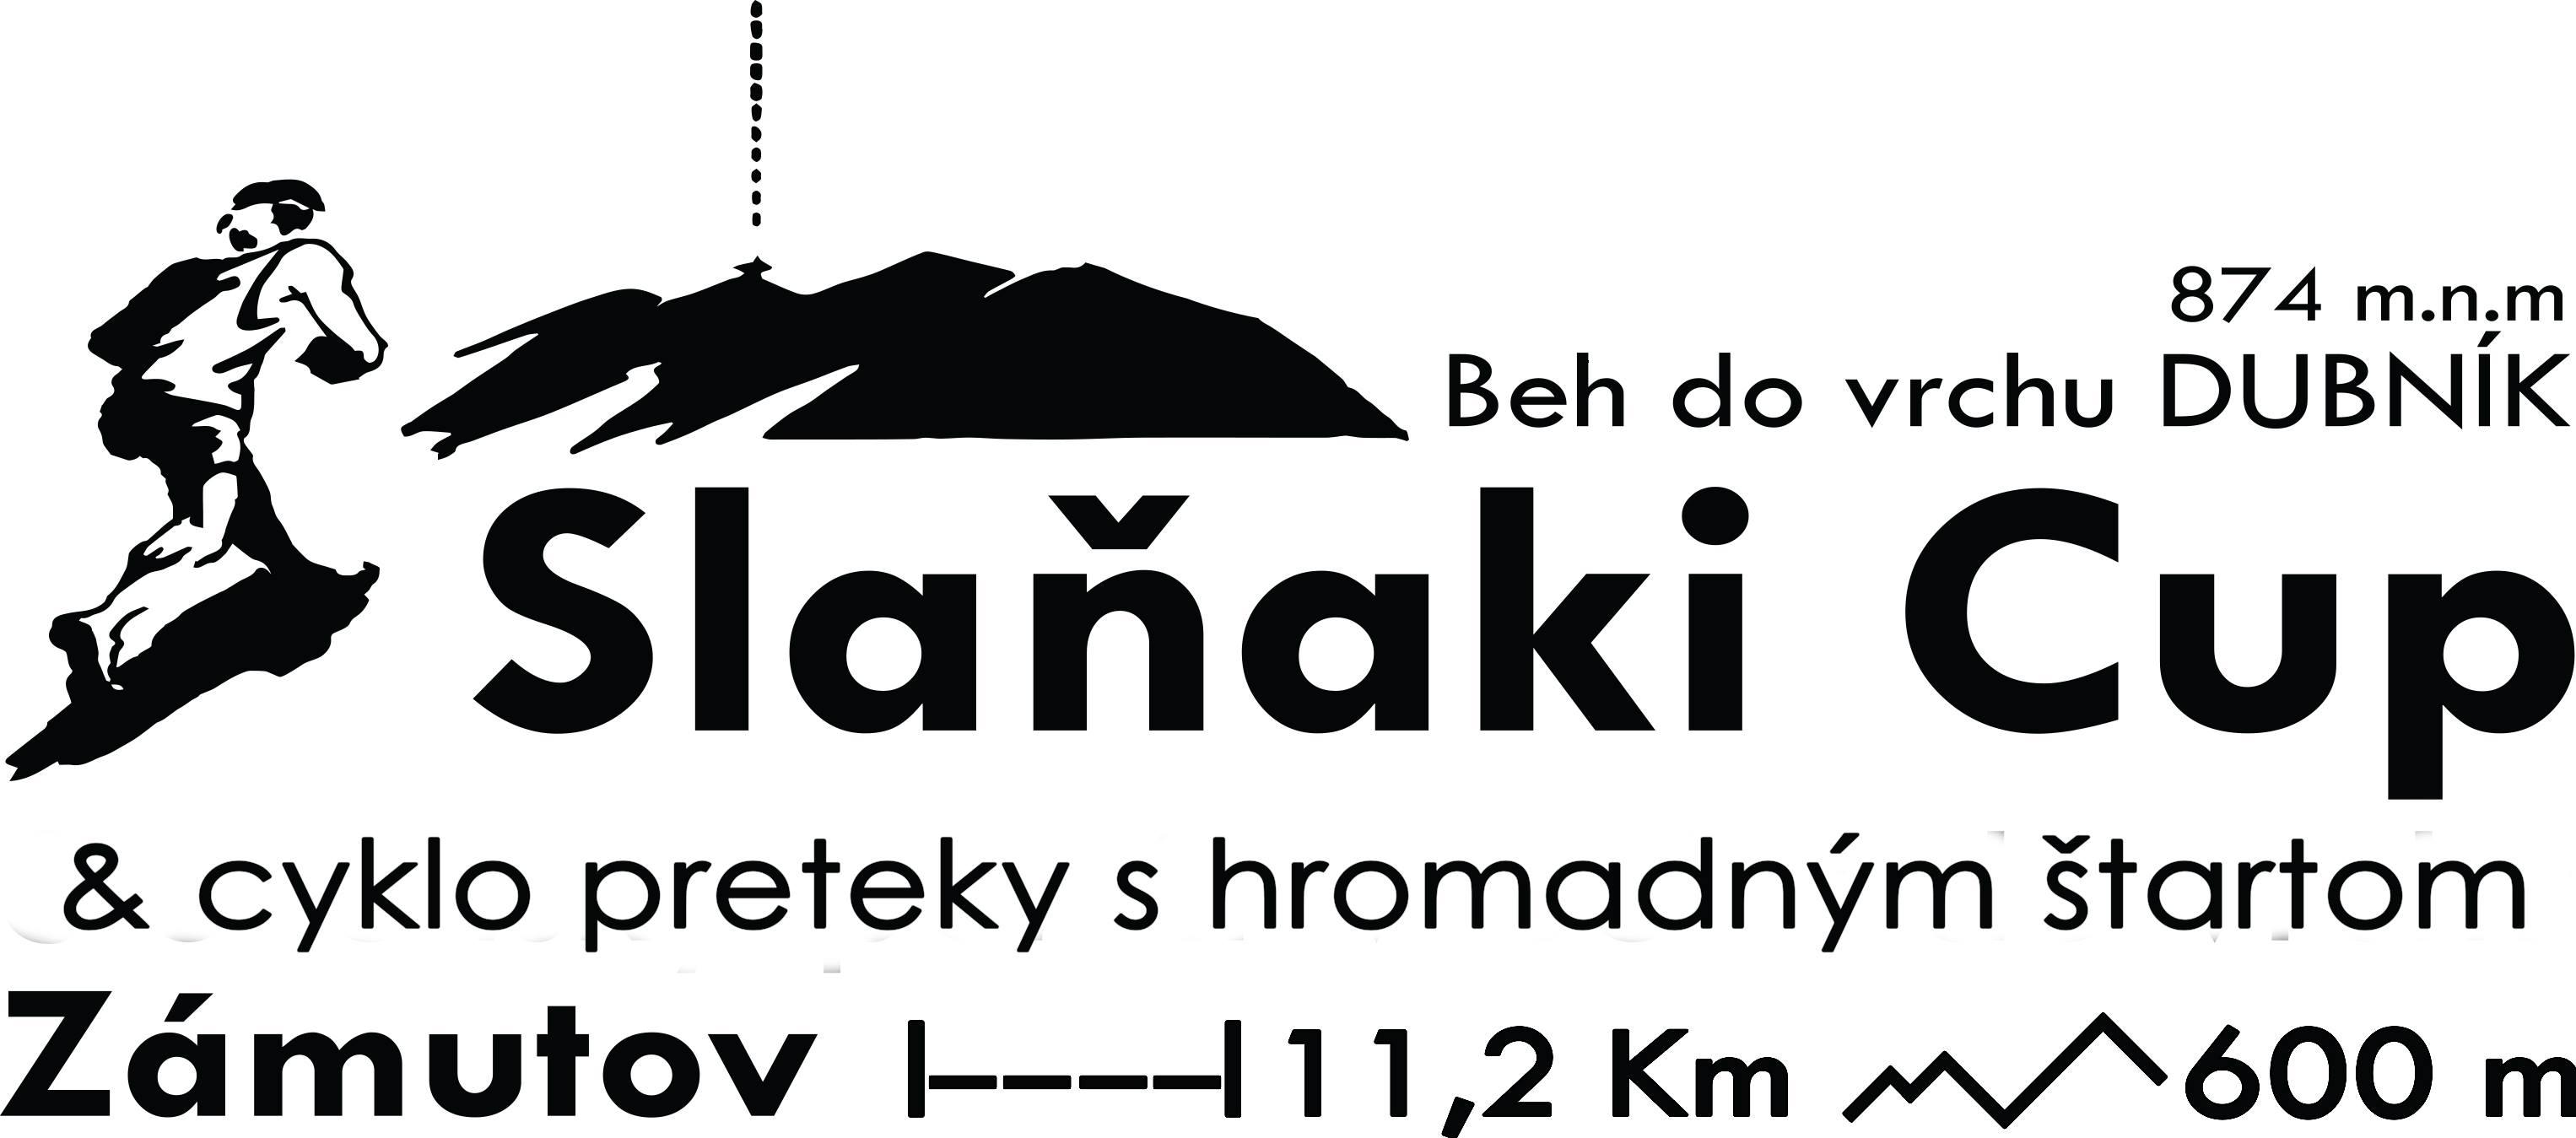 Expresky z hôr 35 - Beh do vrchu Dubník, zdroj: beh & bike do vrchu Dubnik